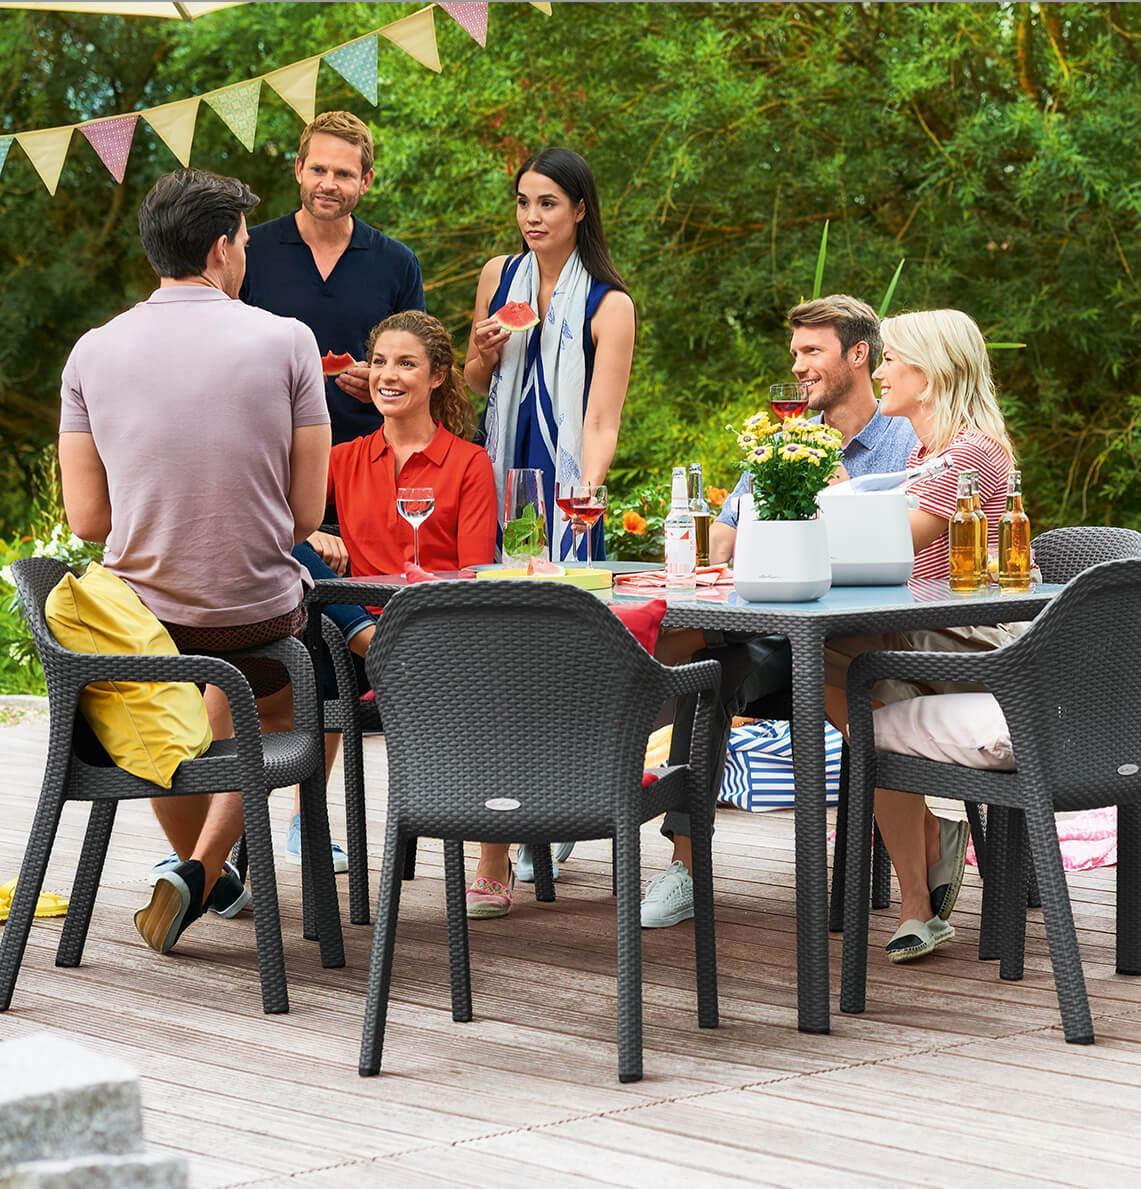 Друзья проводят вечеринку в саду и удобно сидят за столом.